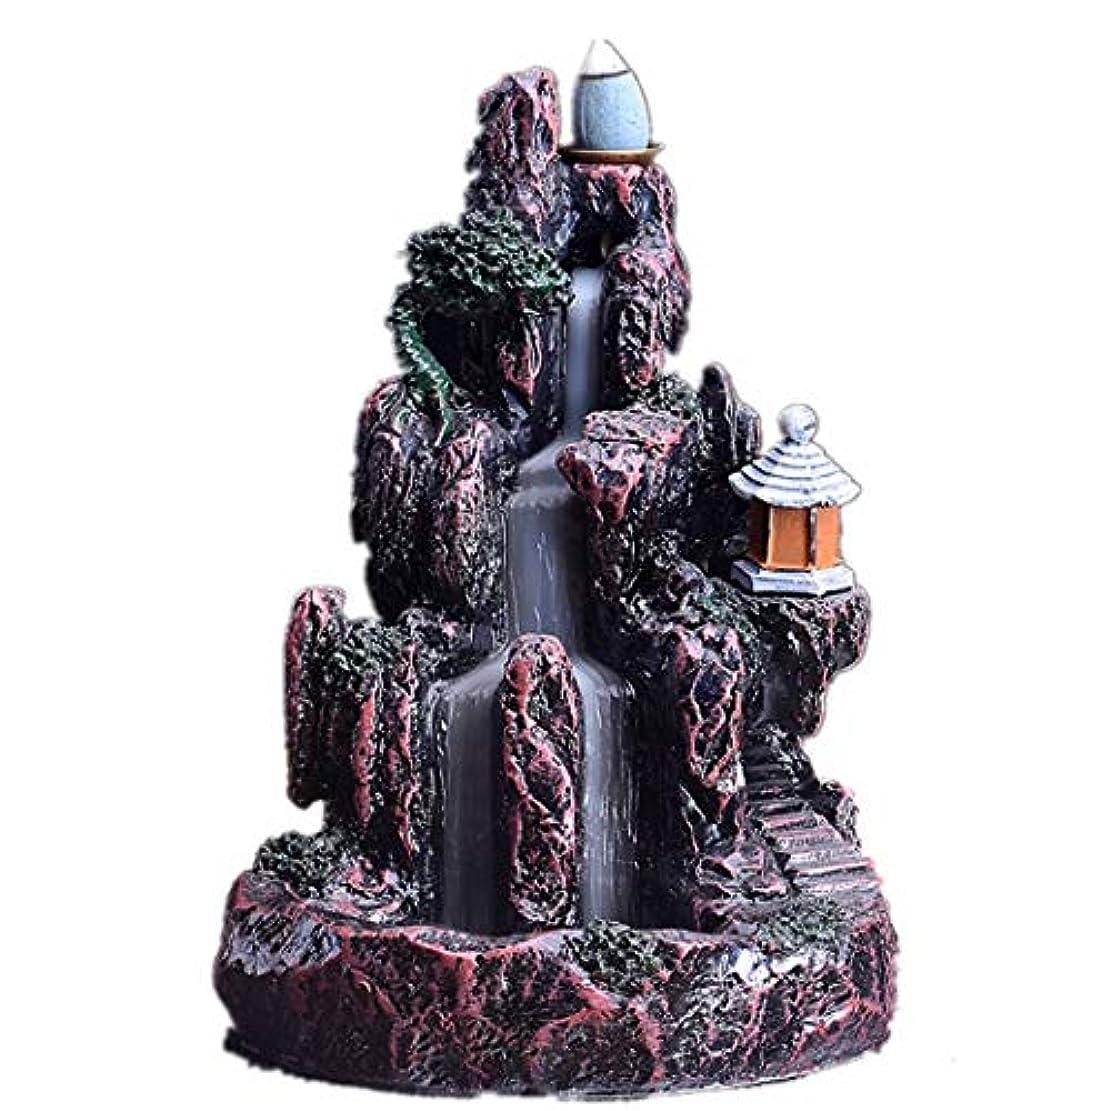 チャップ認可バブルXPPXPP Backflow Incense Burner, Household Ceramic Returning Cone-shaped Candlestick Burner